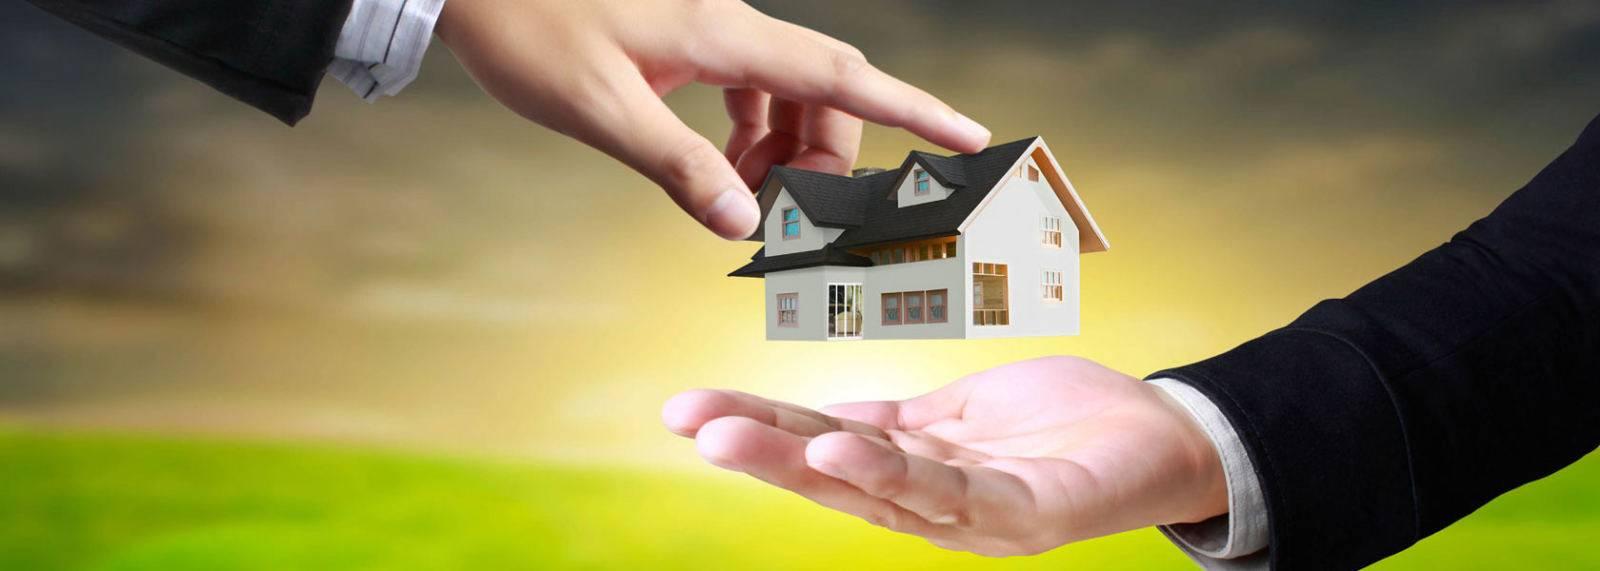 Ипотека на земельный участок: топ-3 банка и калькулятор